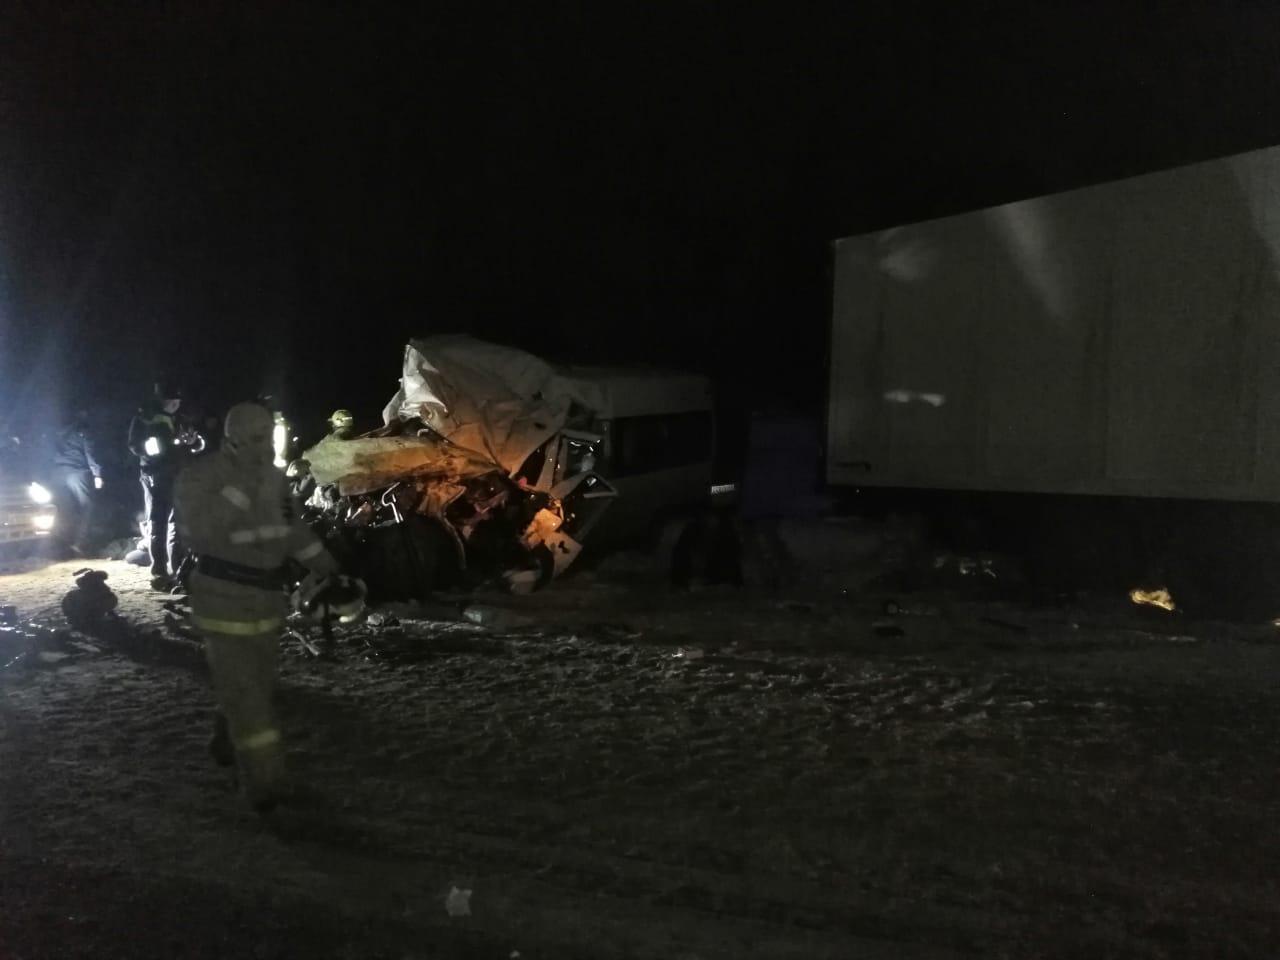 Число погибших в аварии на М-5 в Самарской области увеличилось до 11 человек